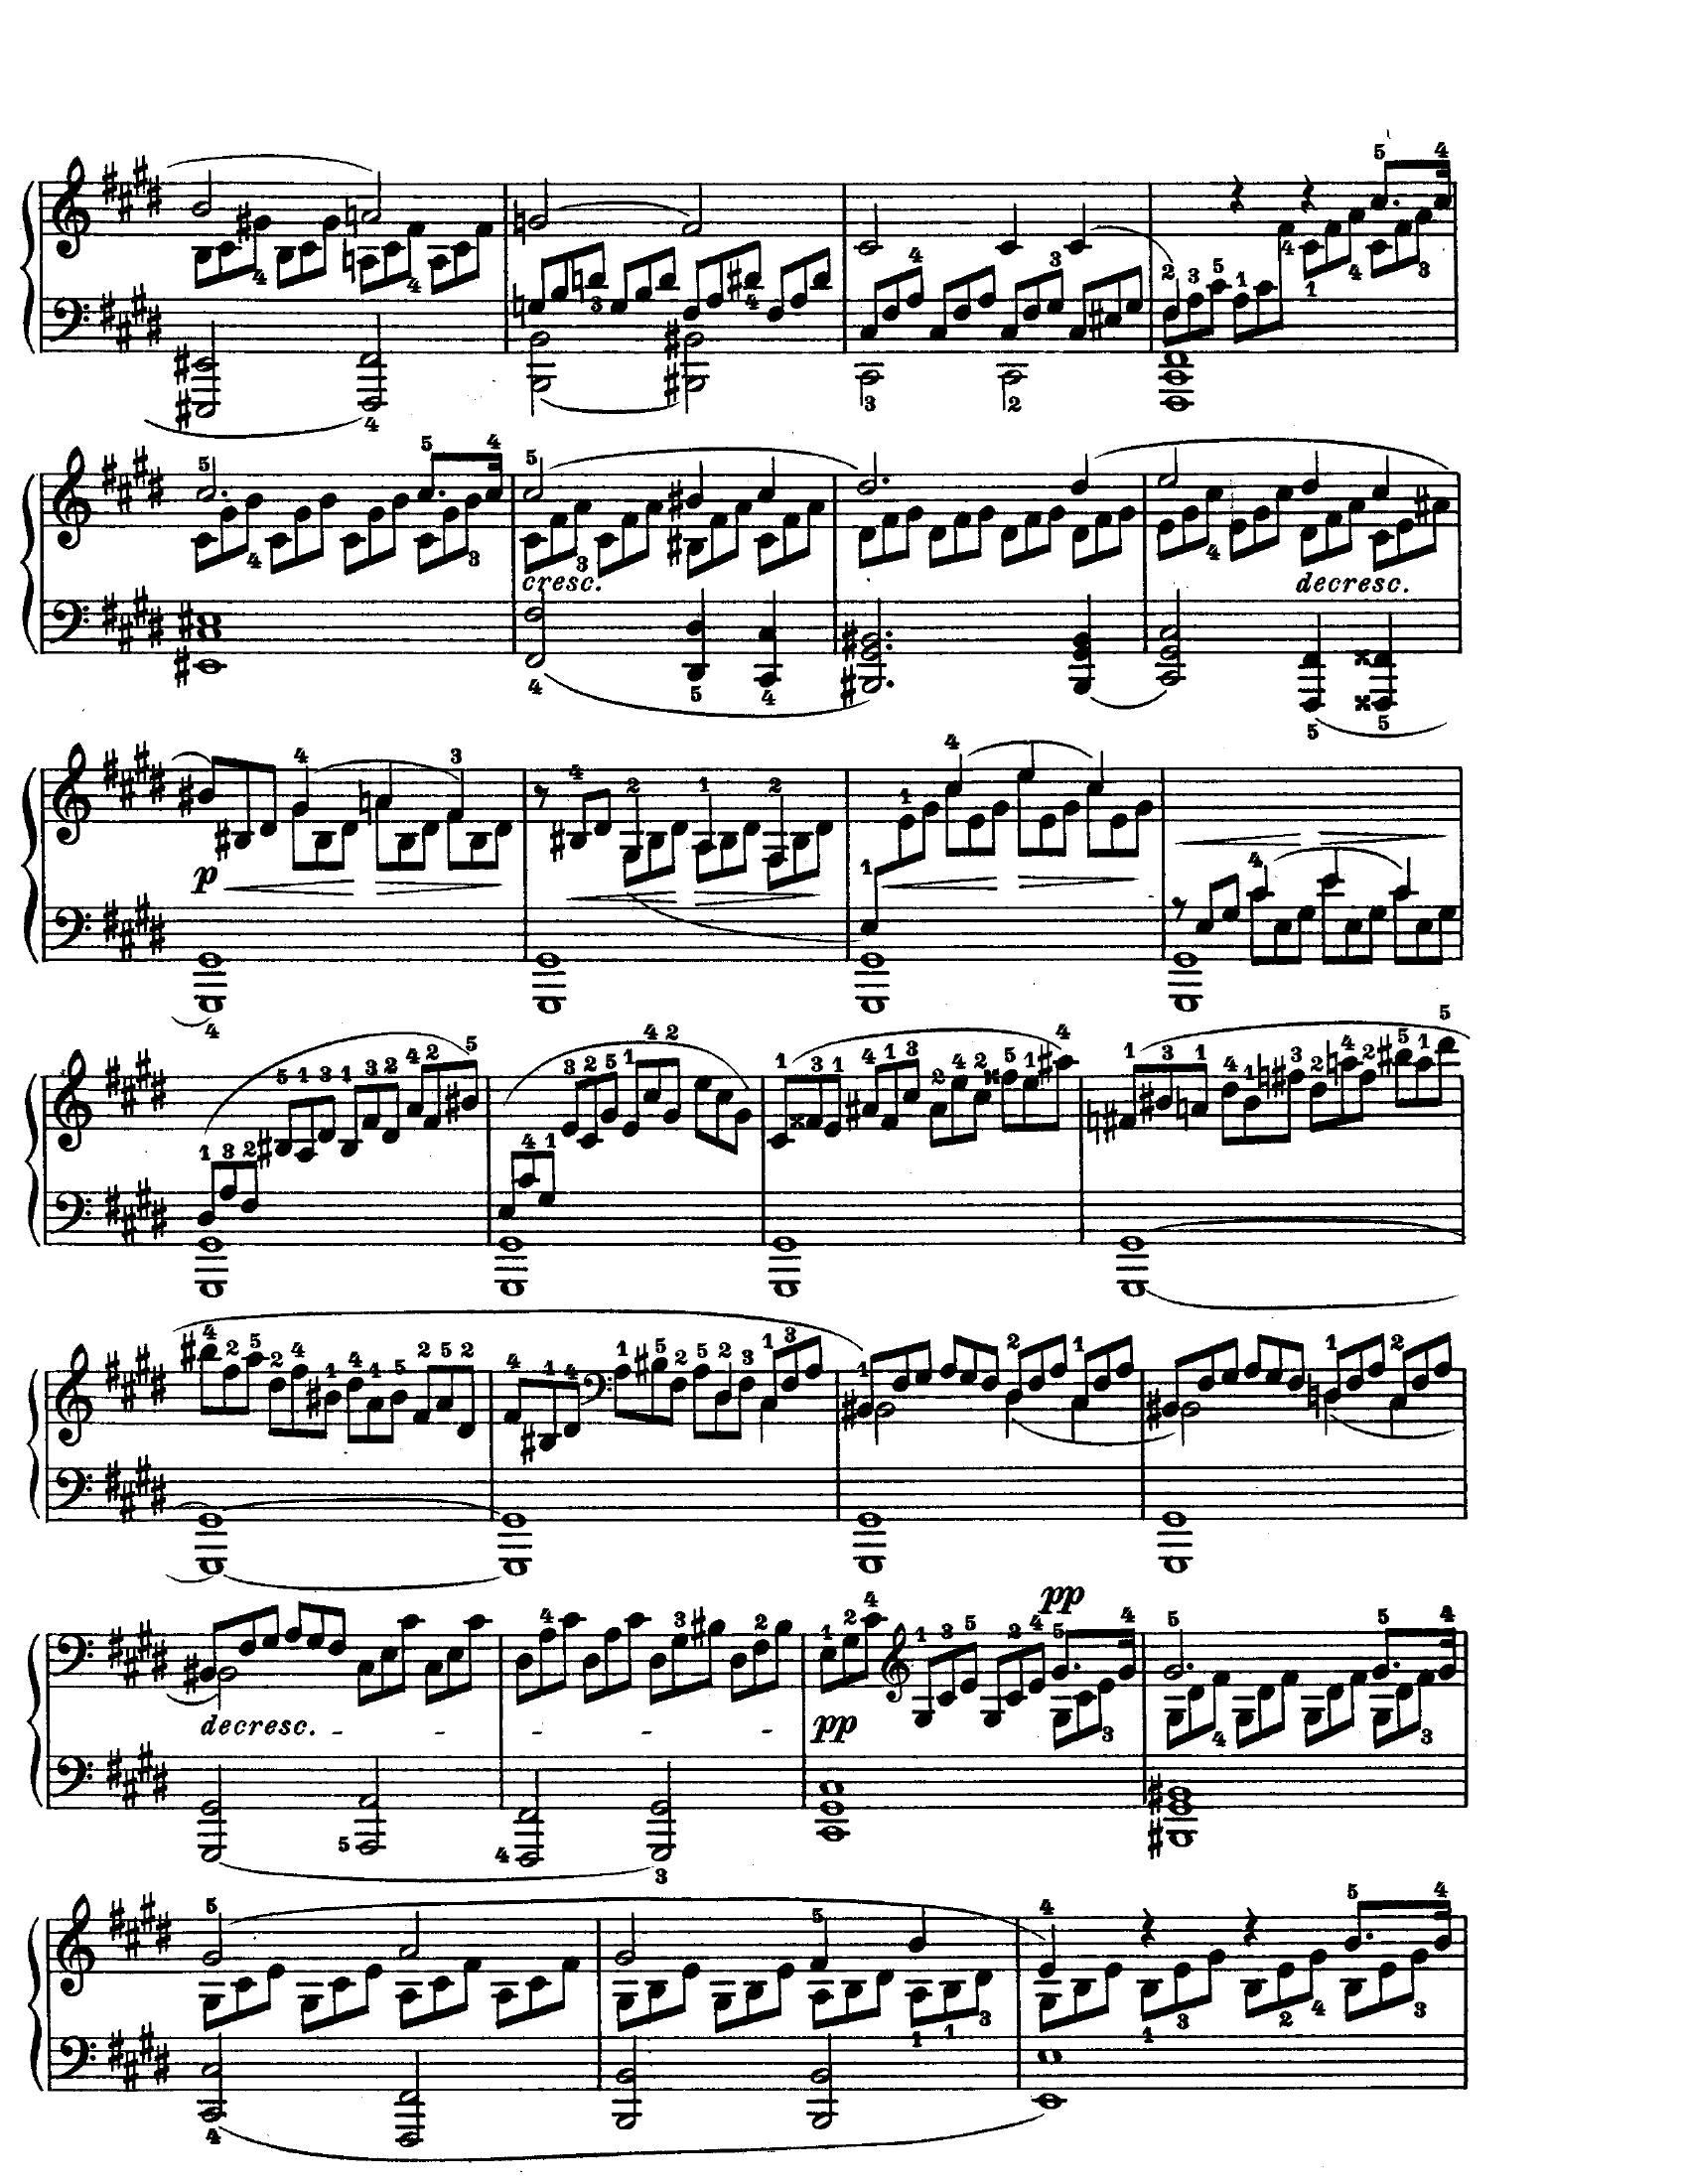 Beethoven Moonlight2 - نت آهنگ Moonlight از Beethoven